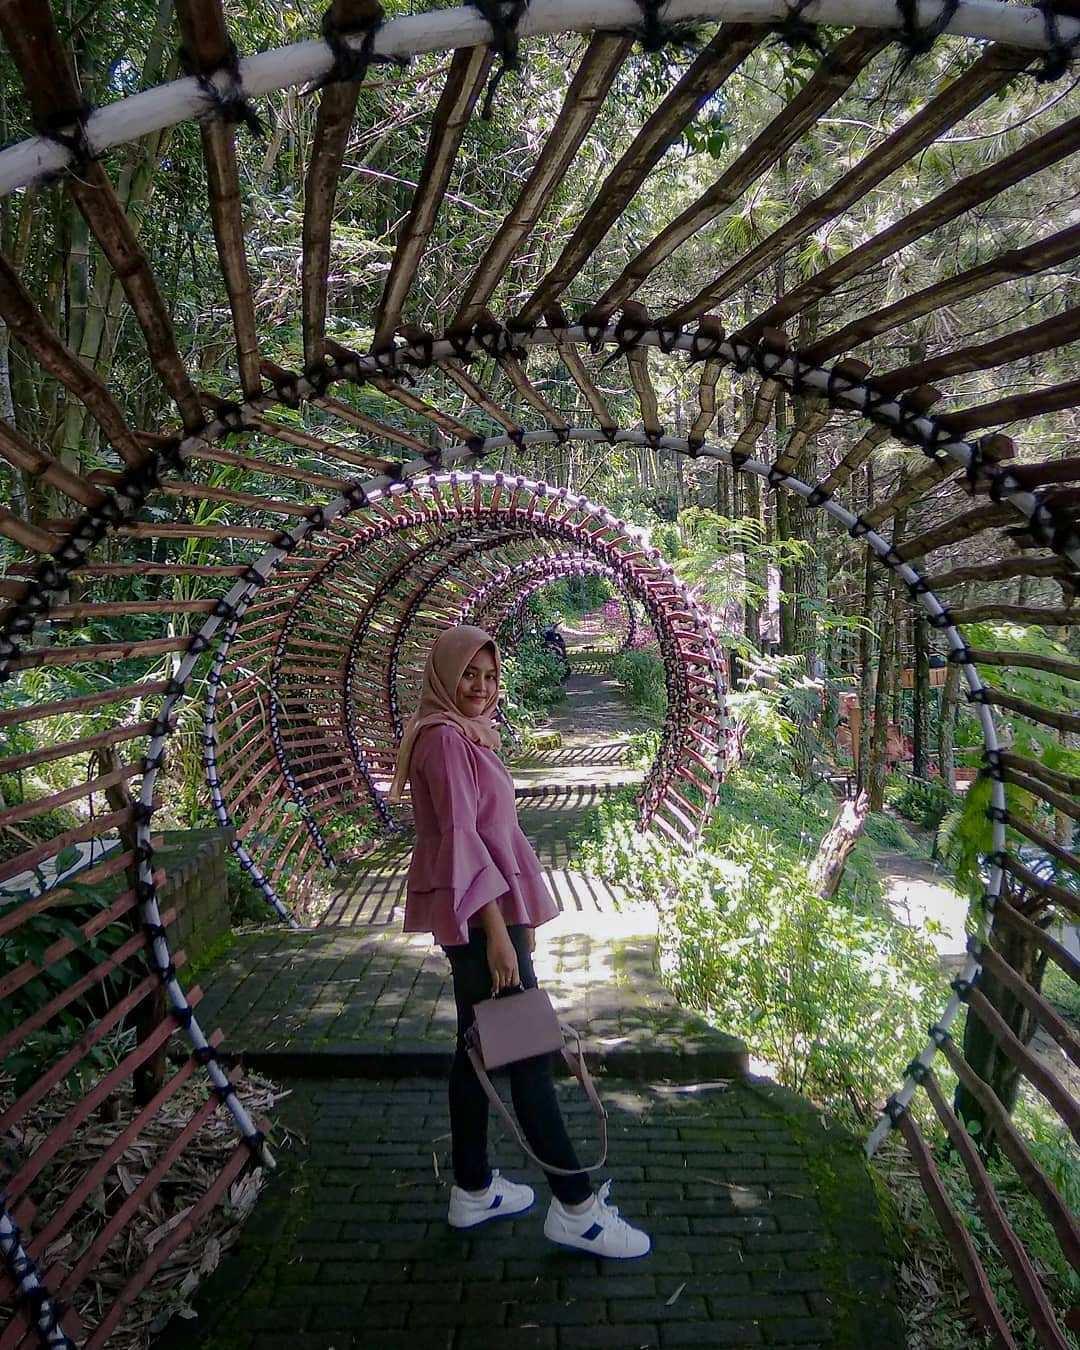 Pemandangan Terowongan Yang Terbuat Dari Bambu di Goa Pinus Pujon Batu, Malang, Image From @zuhriyaha117